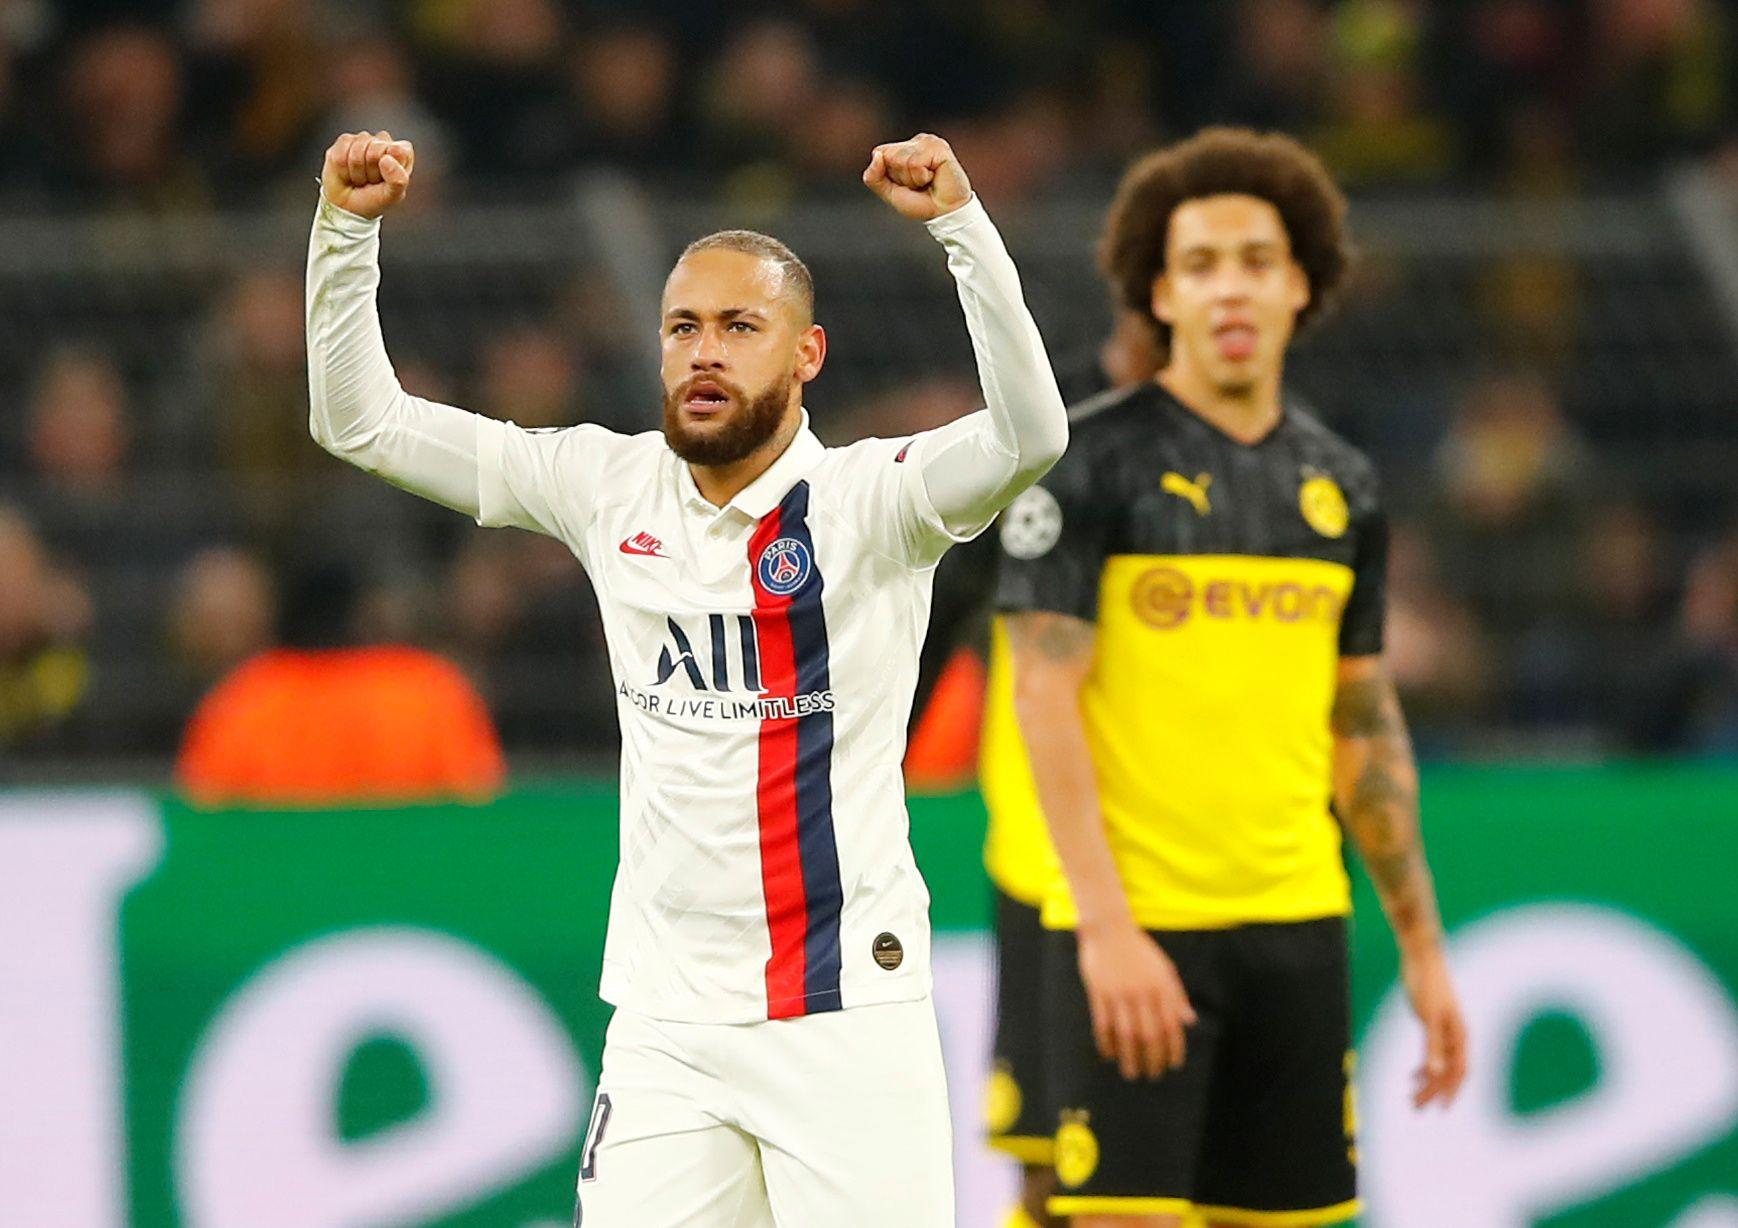 Neymar será el encargado de liderar a un Paris Saint Germain que intentará evitar su cuarta eliminación seguida en la Champions League (REUTERS)